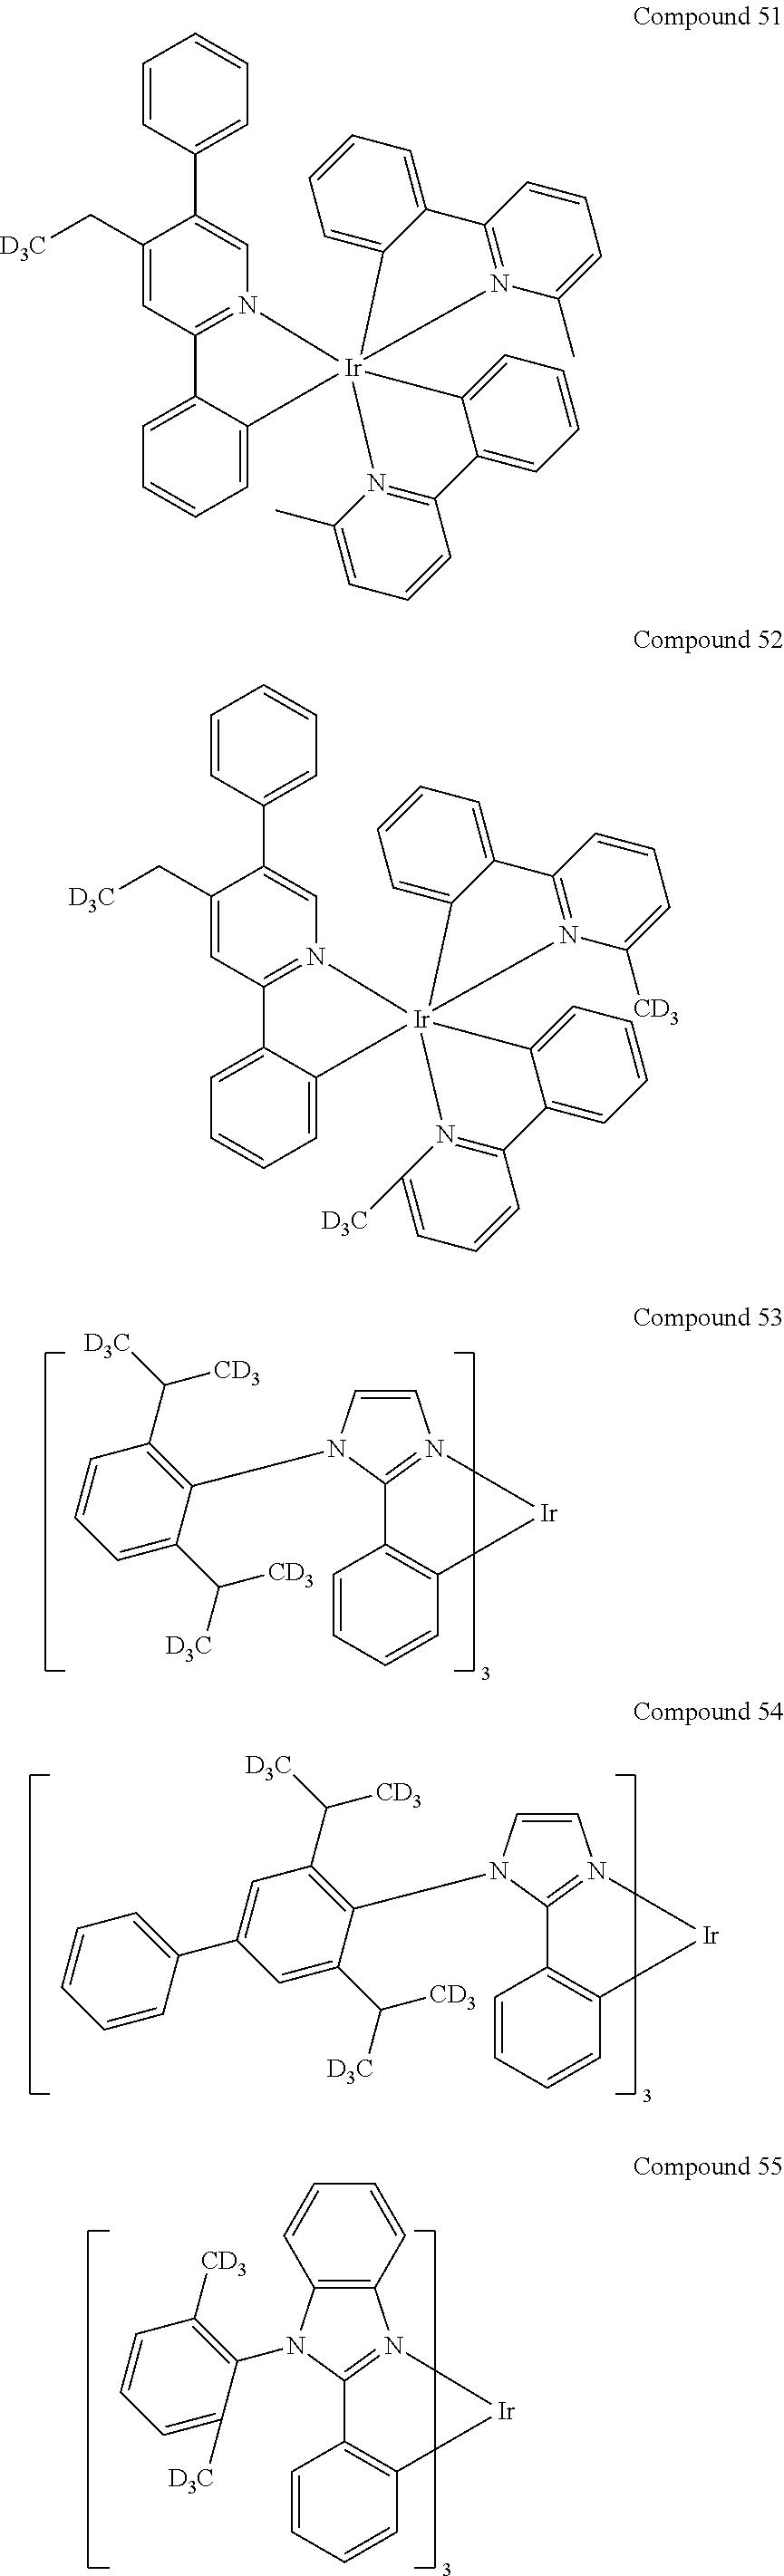 Figure US20100270916A1-20101028-C00224